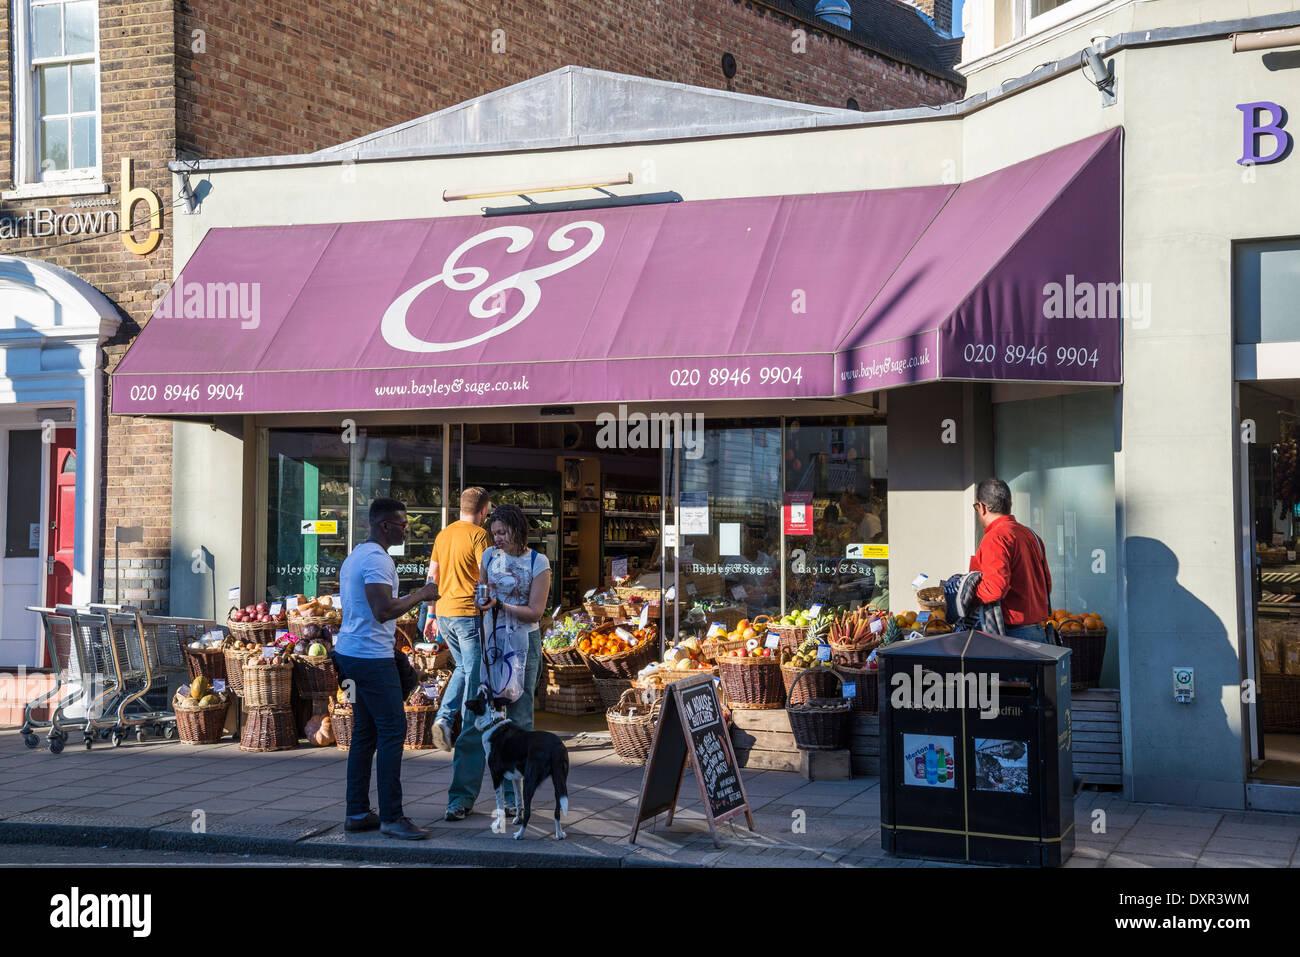 Bayley & Sage, gourmet and specialty food shop at Wimbledon High Street, London, UK - Stock Image